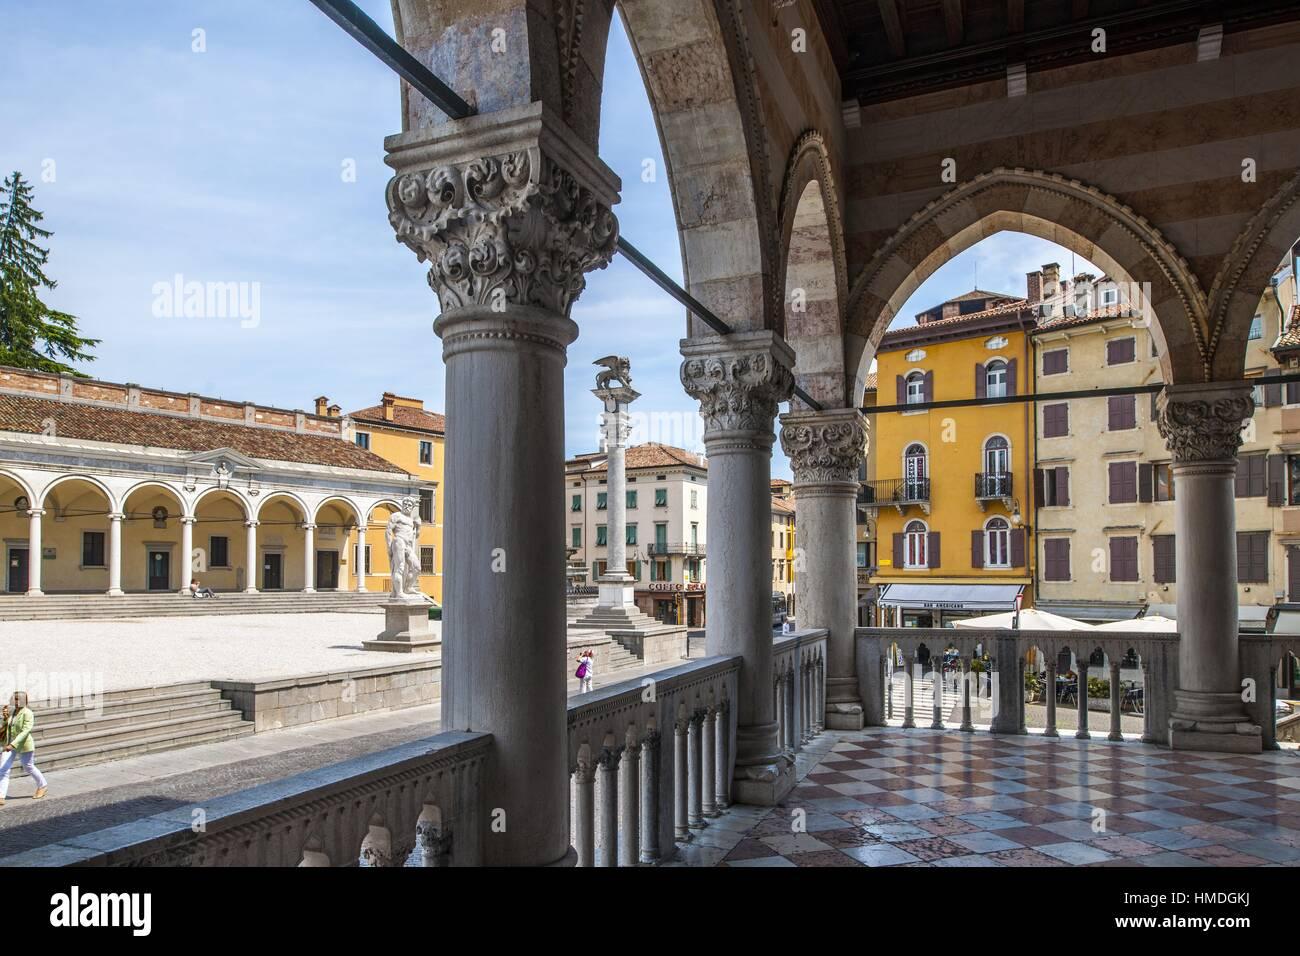 View of Piazza della Libertà from San Giovanni Arcades, Udine, Friuli-Venezia Giulia, Italy - Stock Image